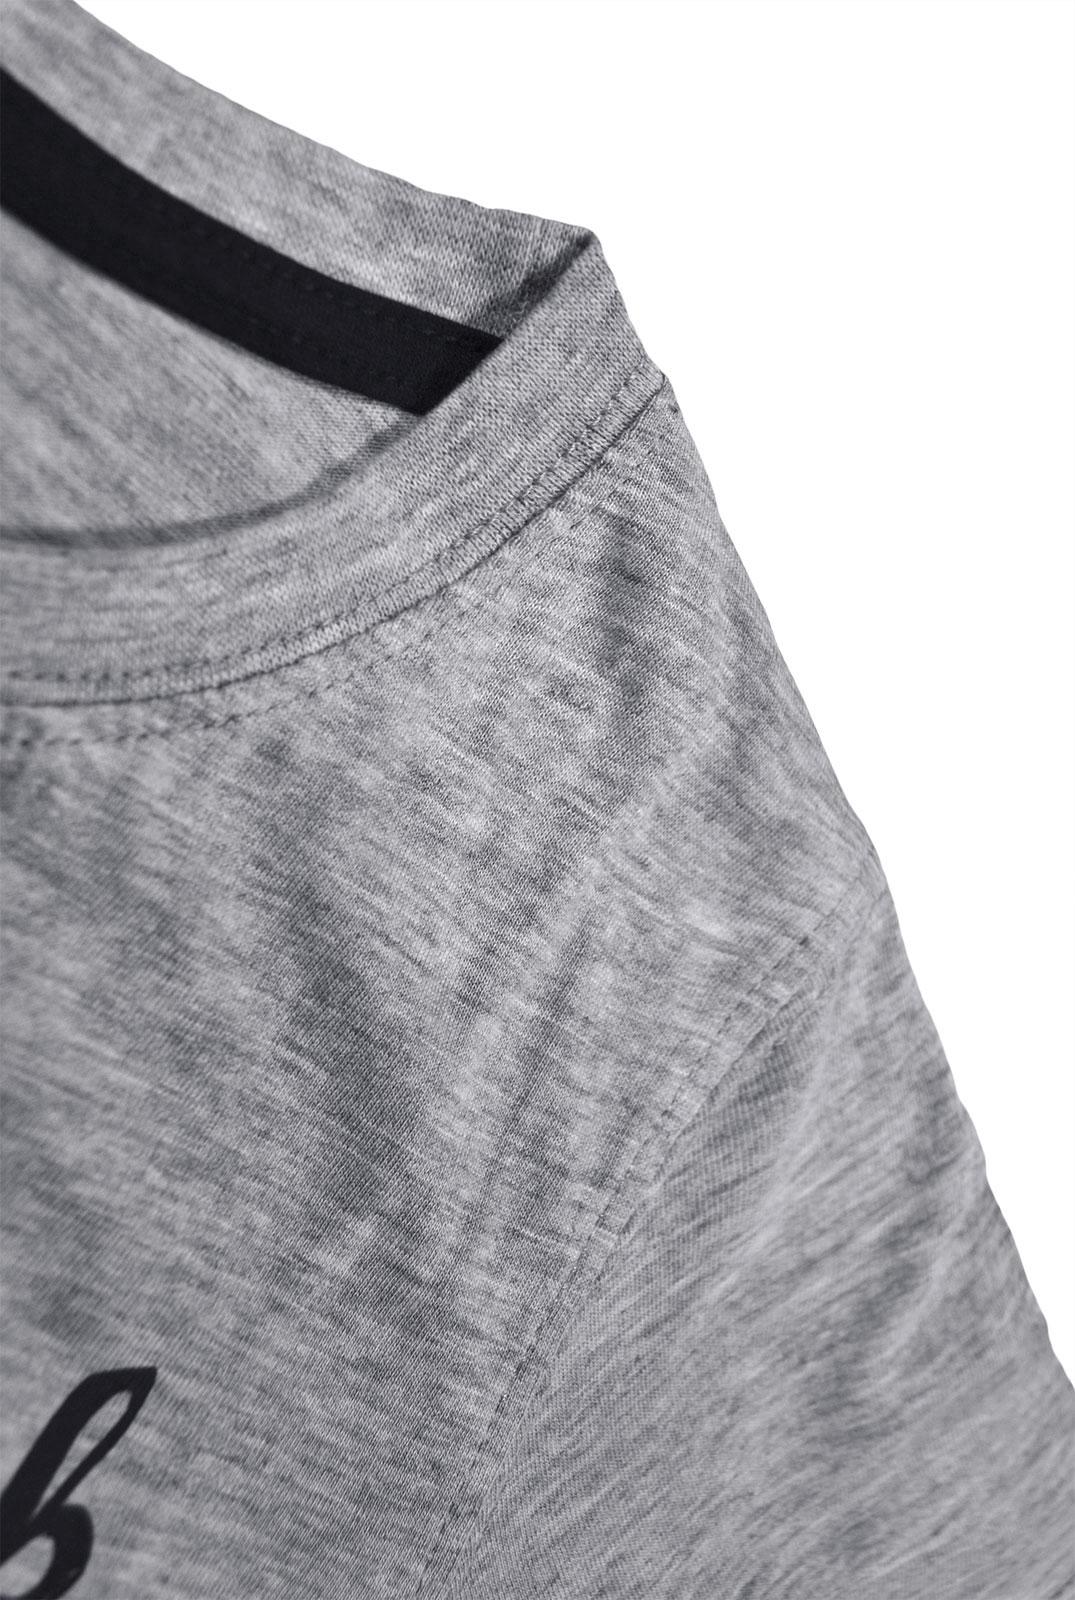 Garcons-Neuf-en-coton-T-shirt-a-encolure-ras-du-cou-d-039-ete-Enfant-Top-2-3-4-5-6-7-8-9-10-11-12-13 miniature 9